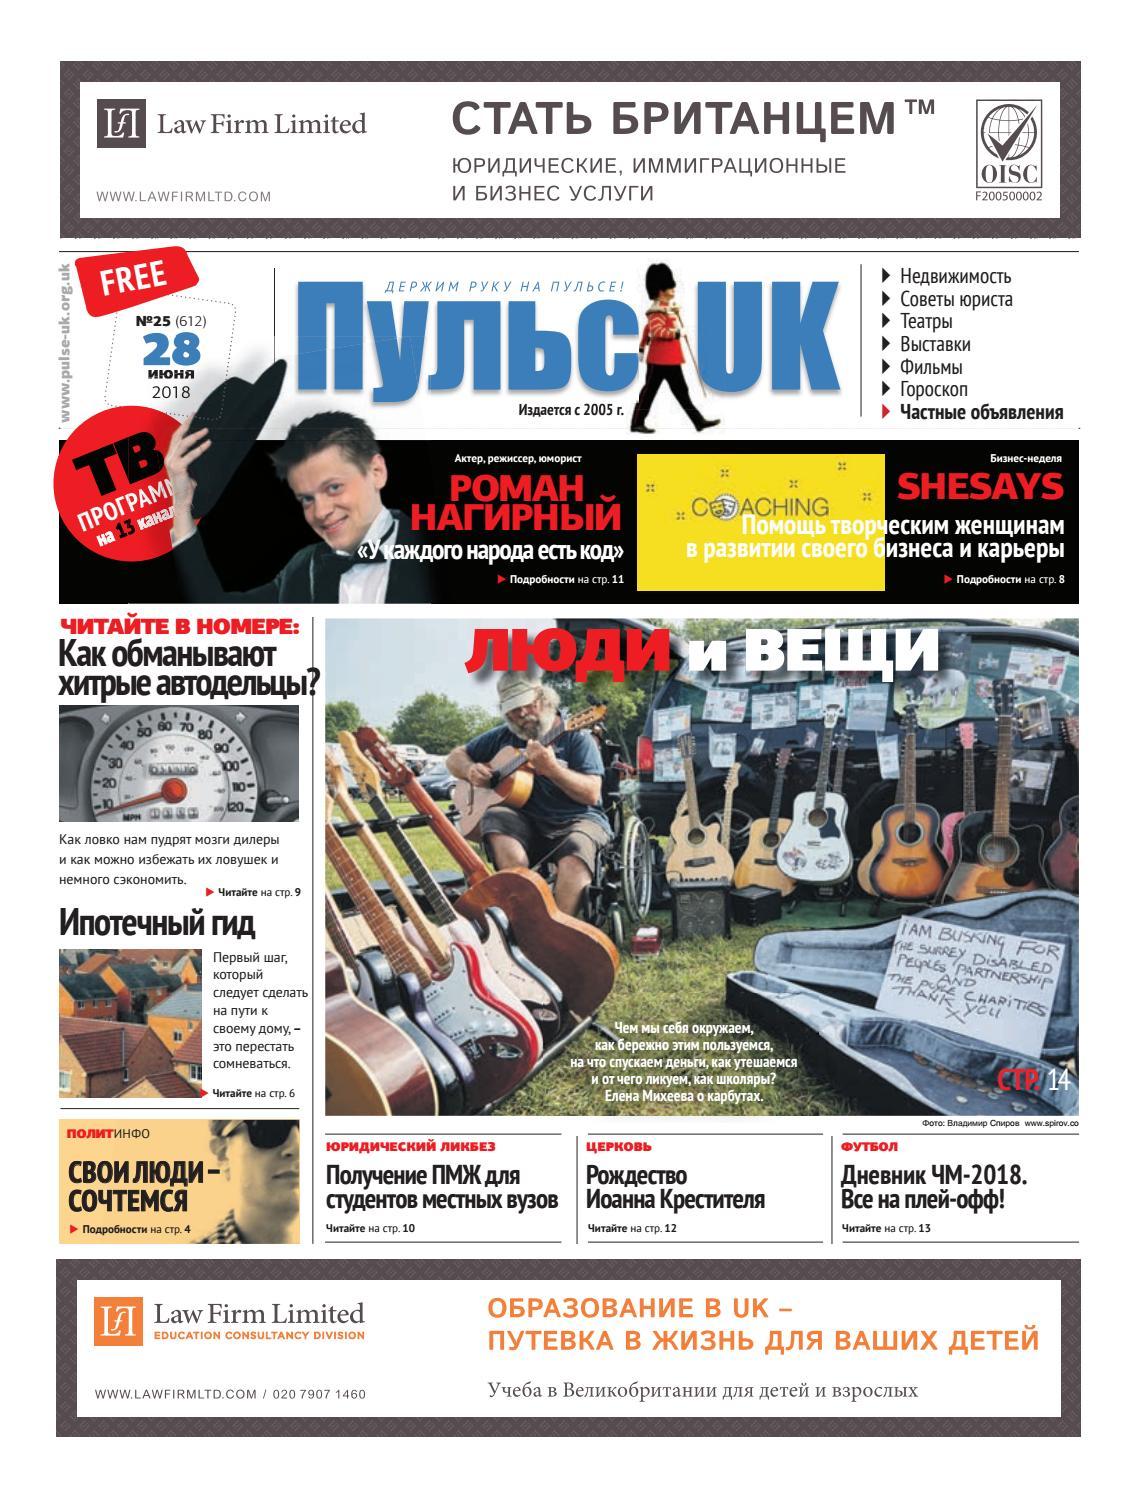 Западные СМИ пугают футбольных болельщиков странными законами России перед ЧМ-2018 новое фото